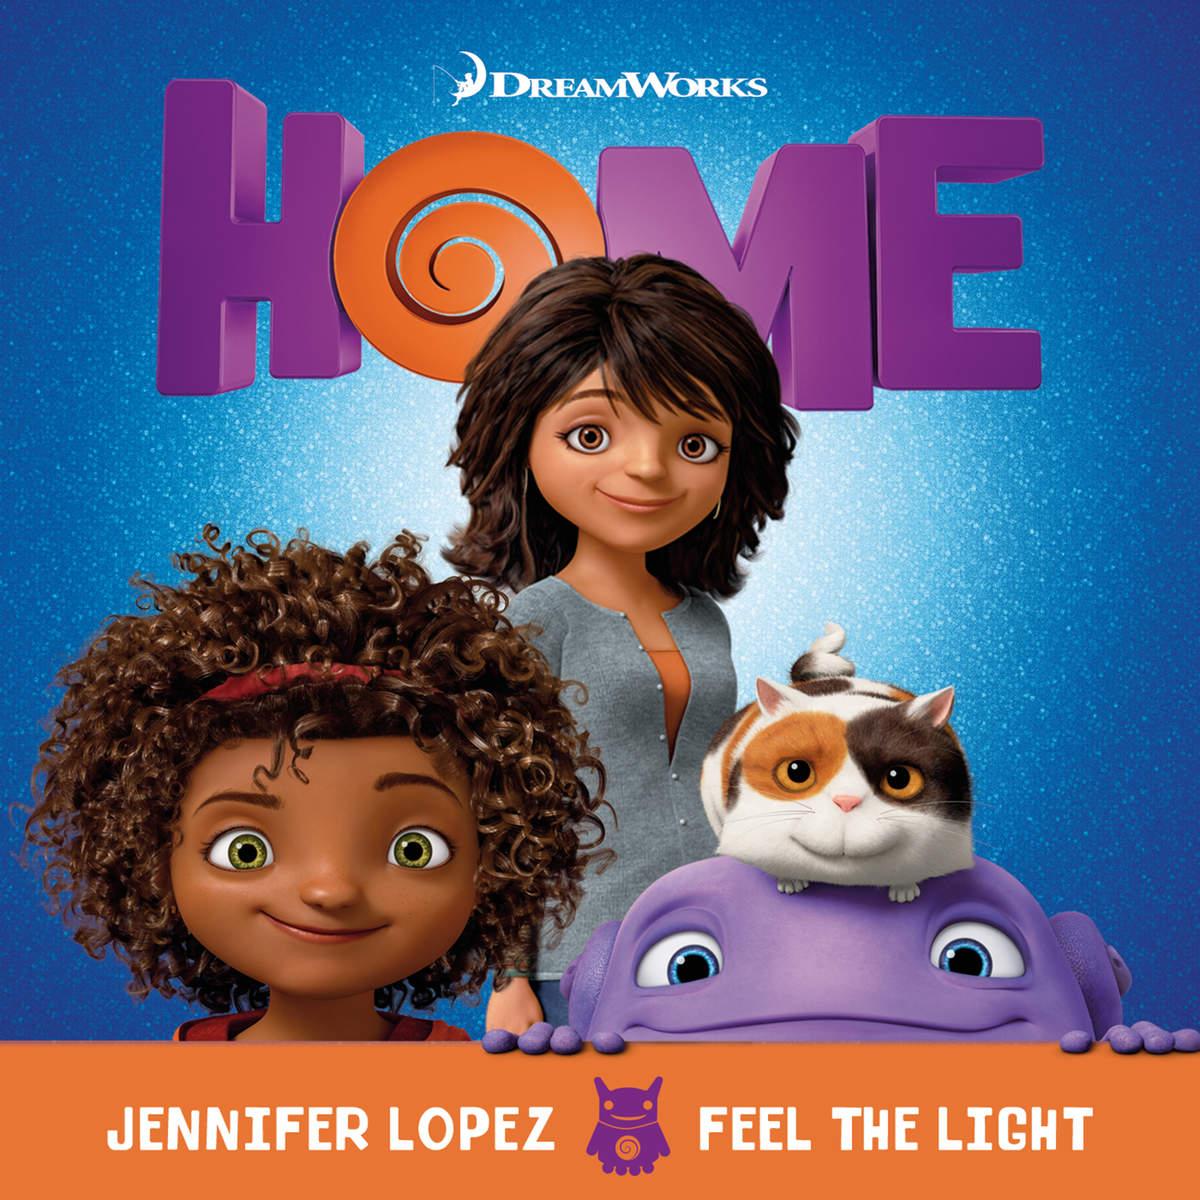 Feel the Light, Home, Jennifer Lopez